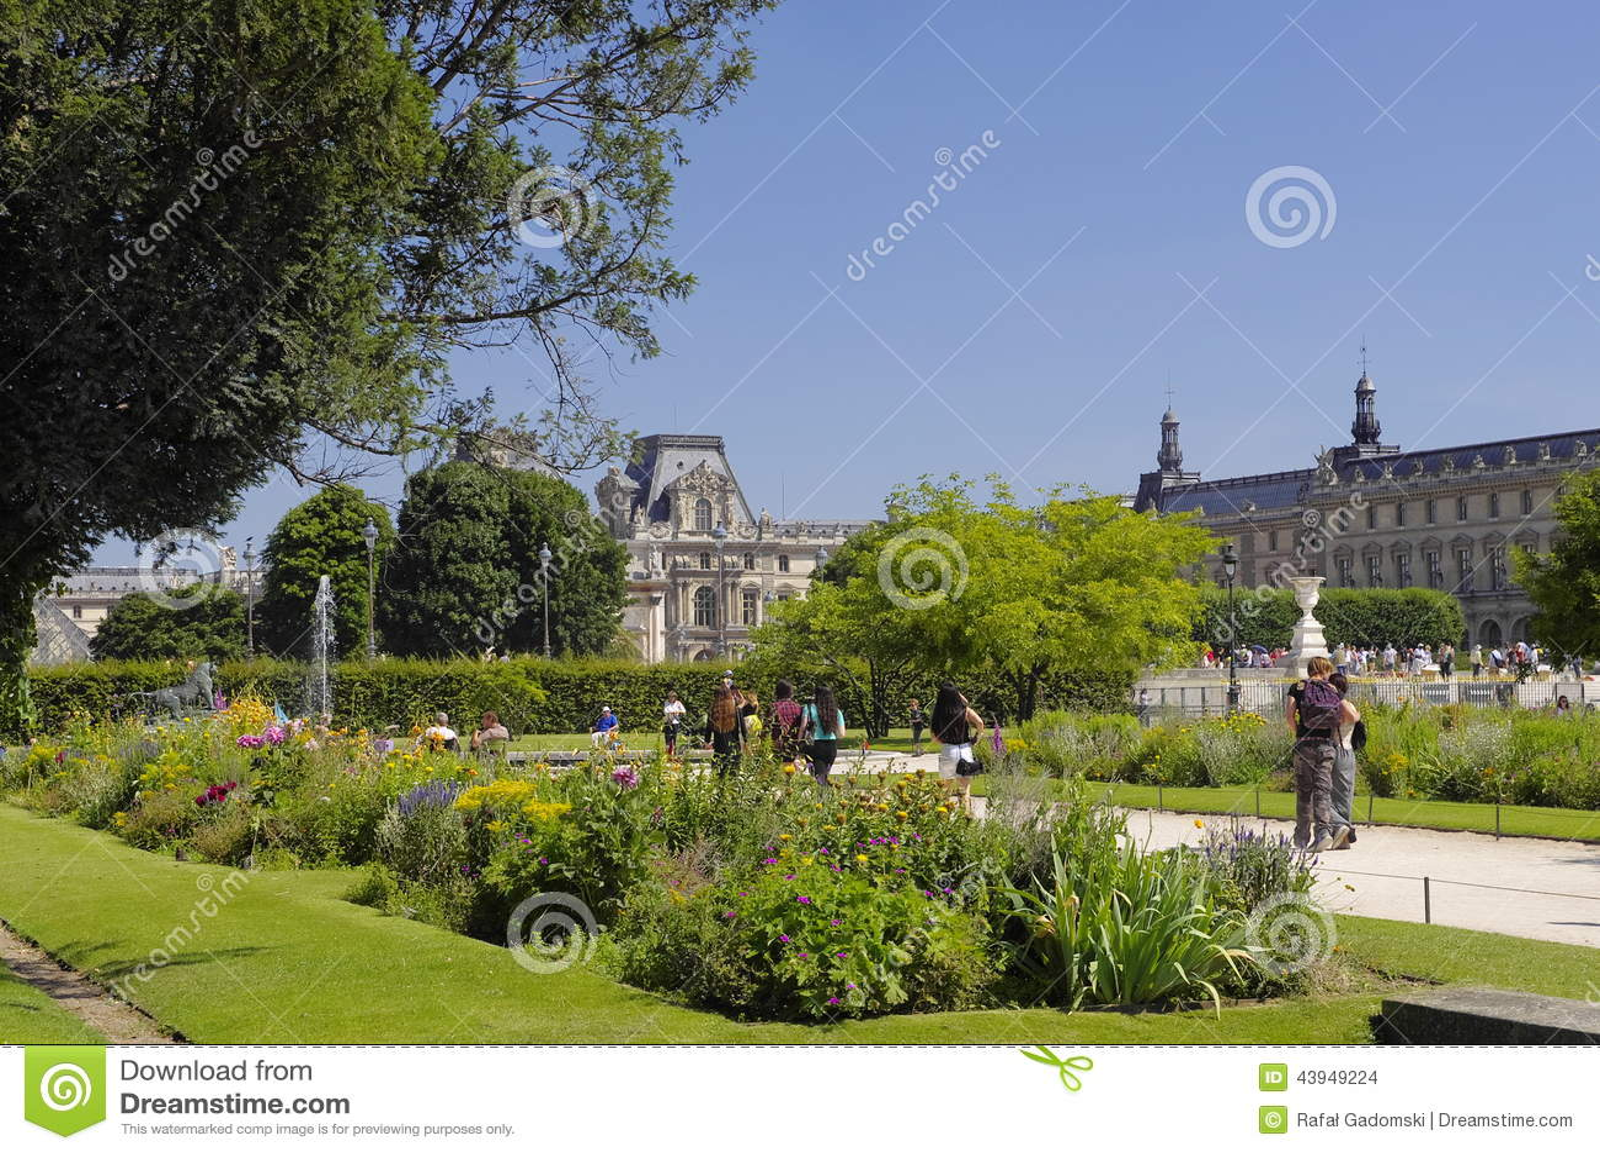 Famous tuileries garden jardin des tuileries beautiful and popular public garden located - Jardin des tuileries foire ...